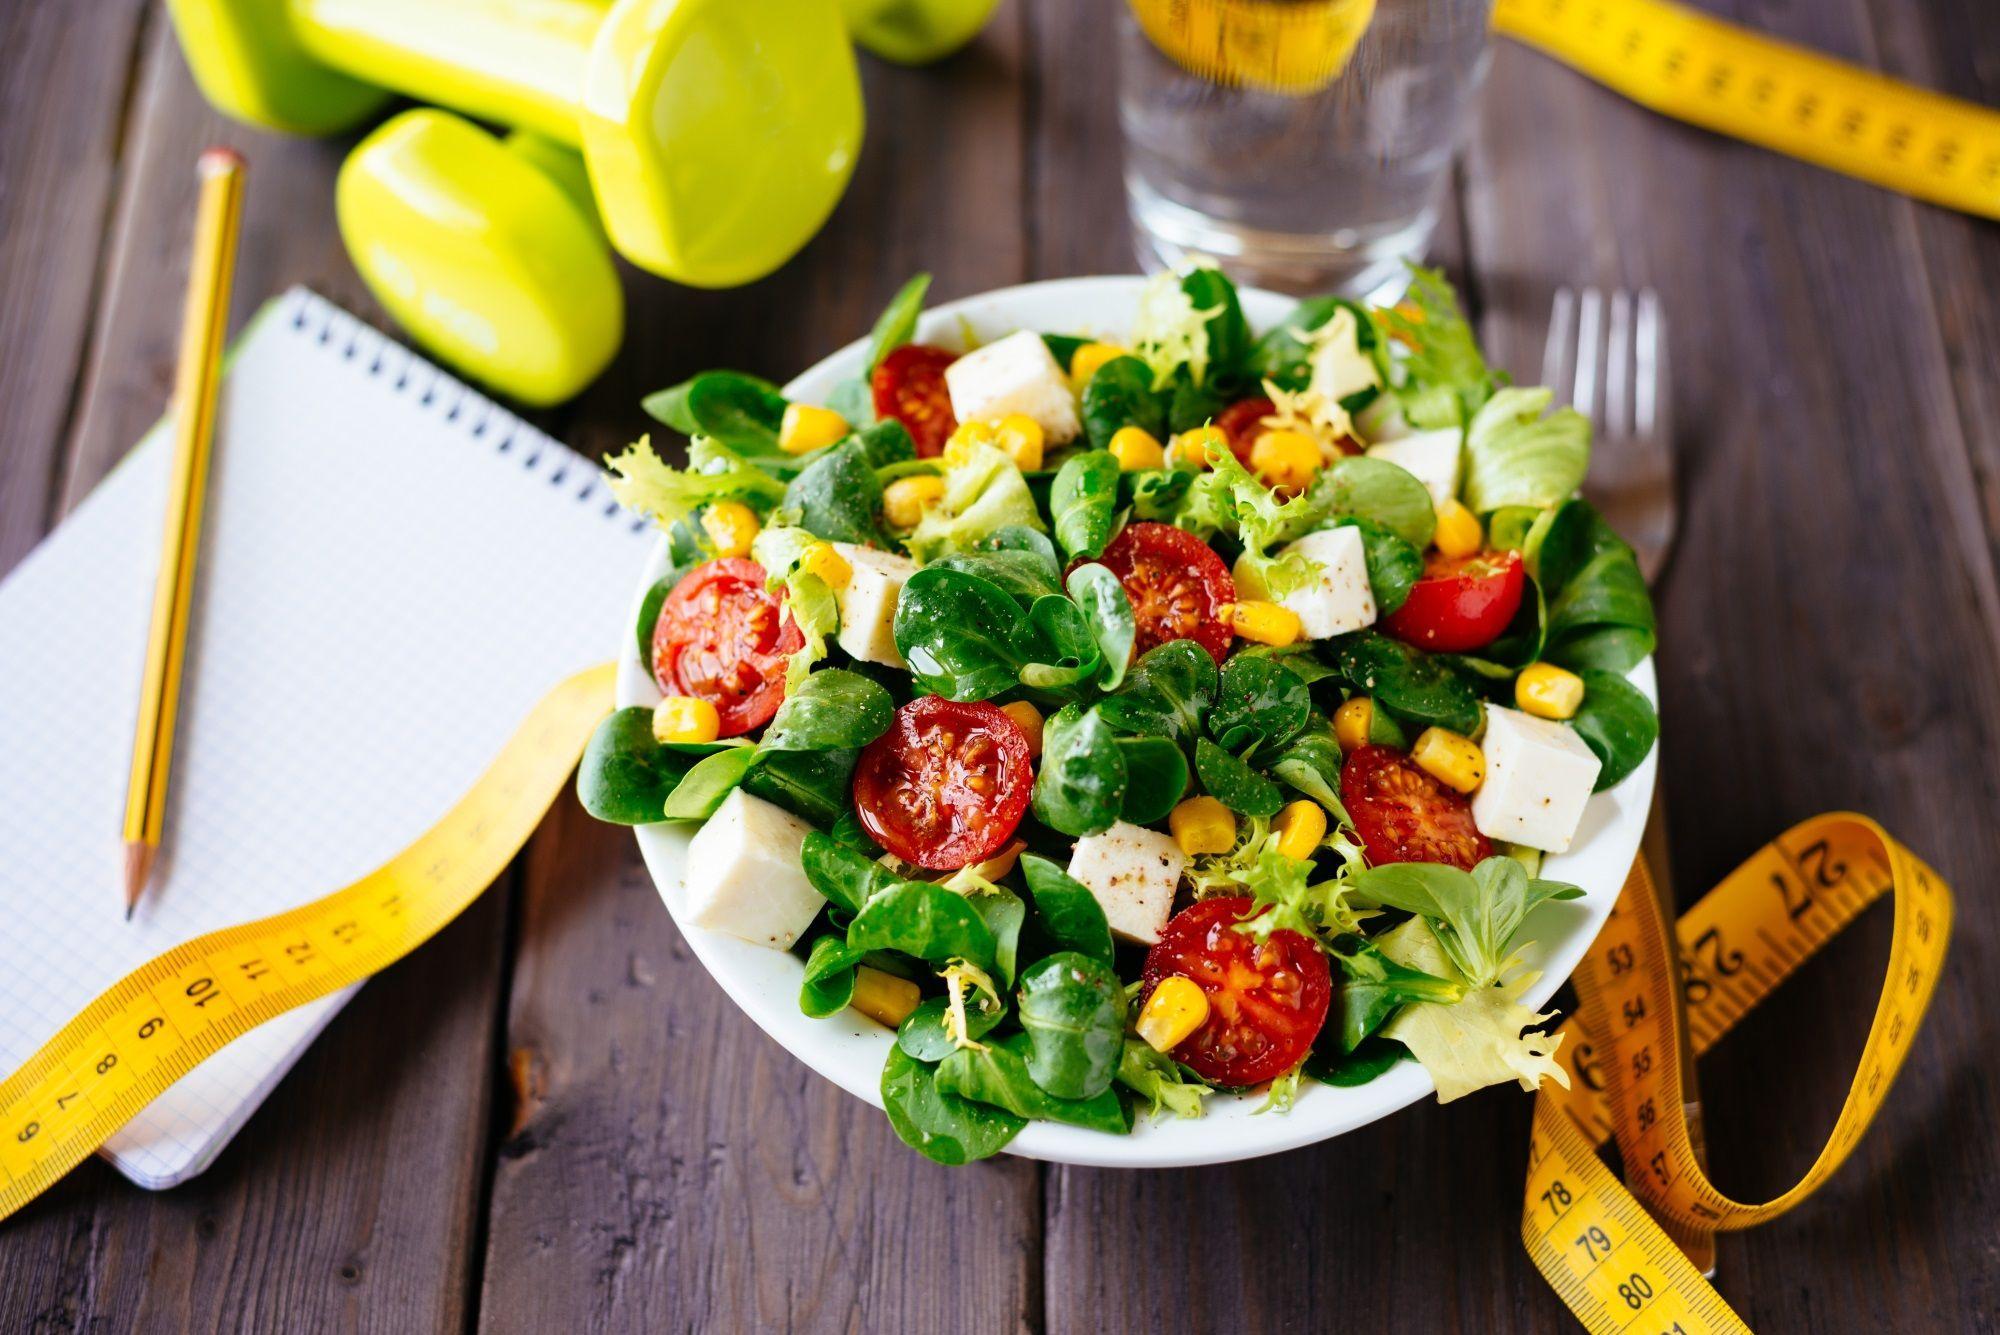 plan de repas de perte de poids d dhiver